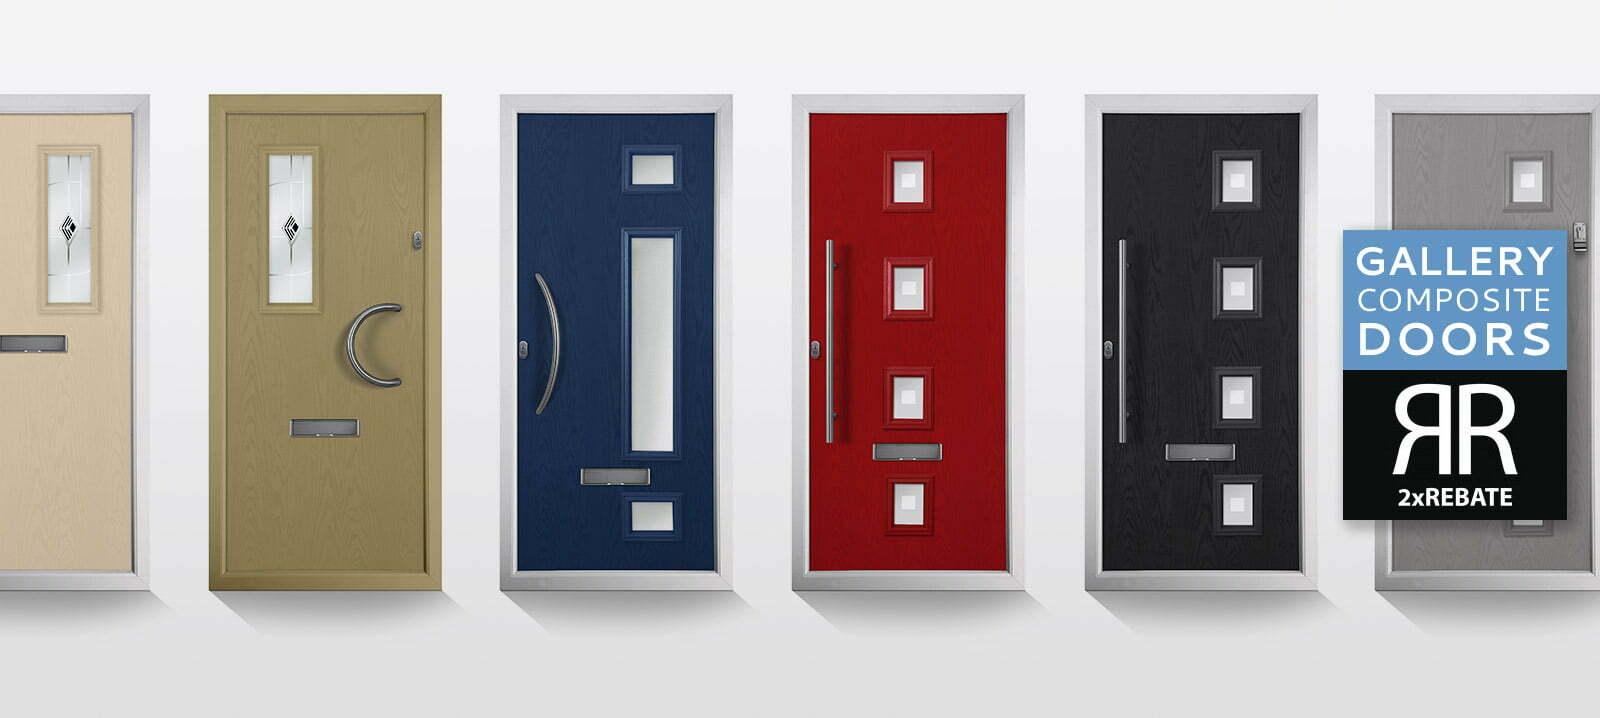 Gallery Composite Doors